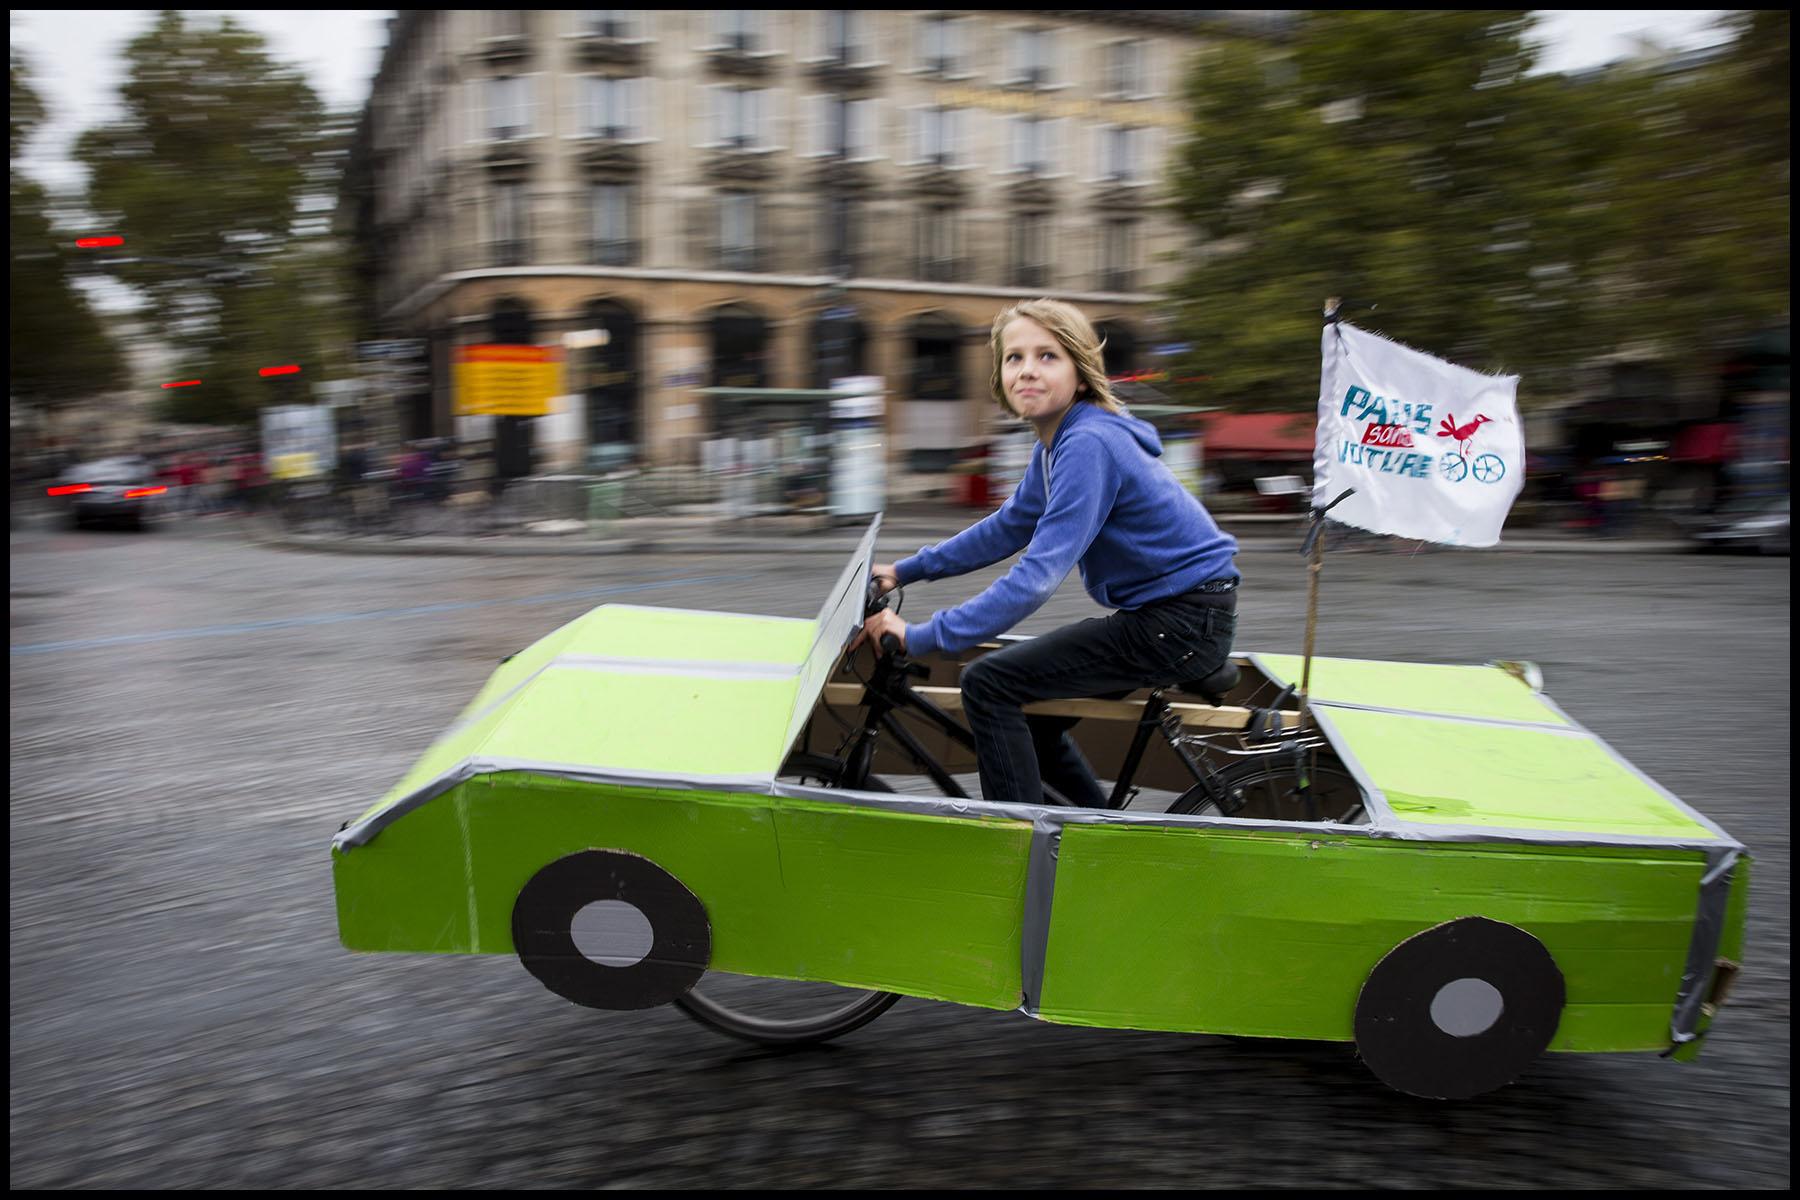 Manifestation des partisans de la 3ème édition de Paris sans voiture place de la Bastille.